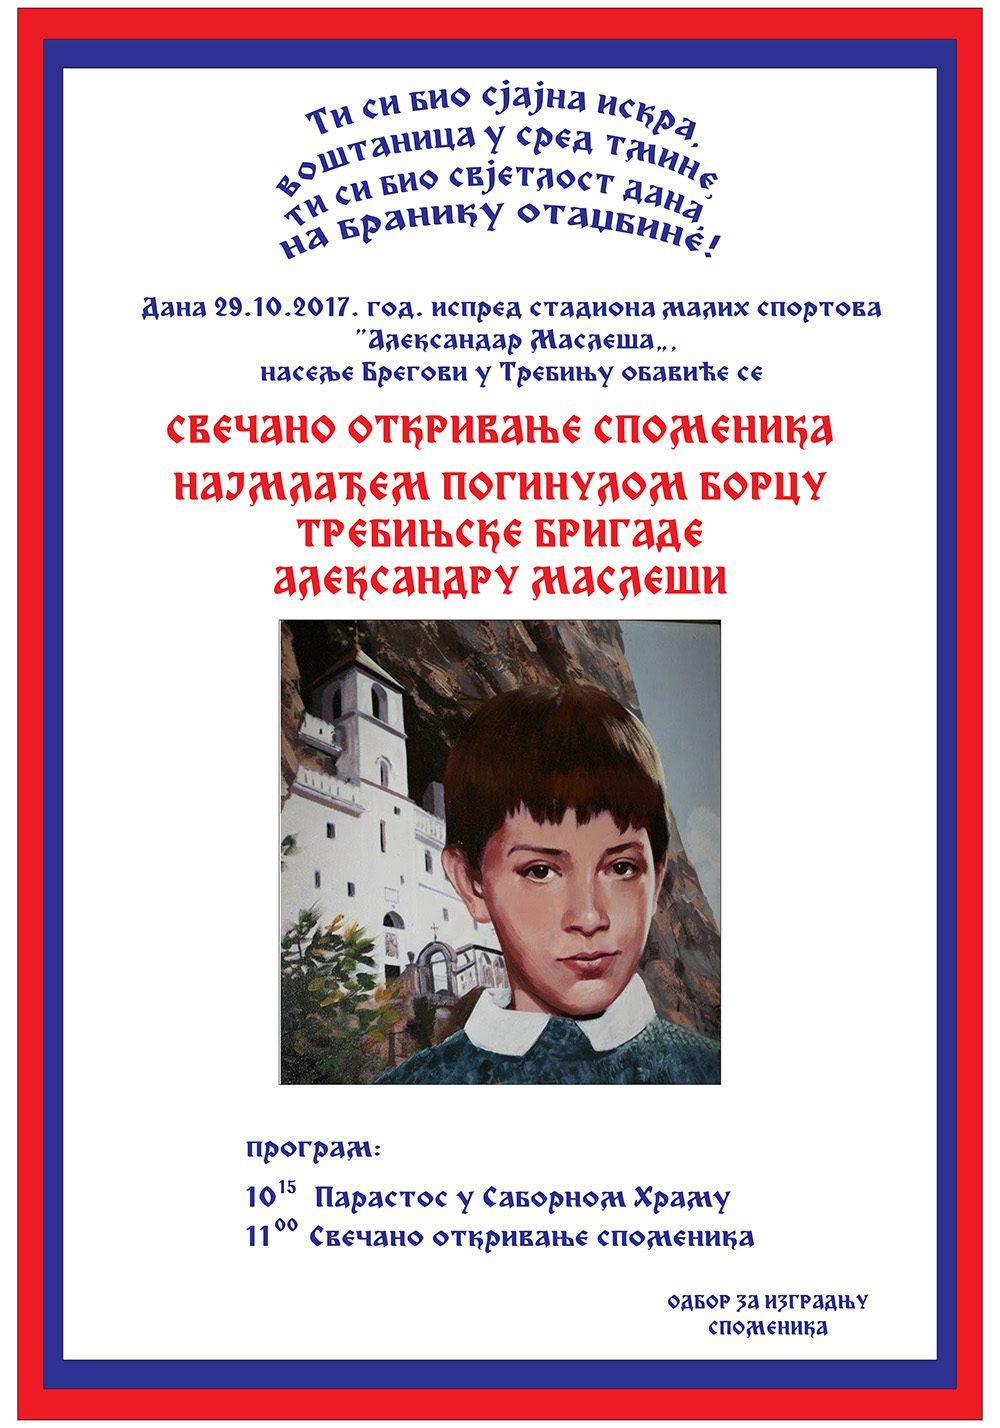 ТРЕБИЊЕ, 29. ОКТОБАР 2017. ГОДИНЕ: Освештање споменика Александру Маслеши